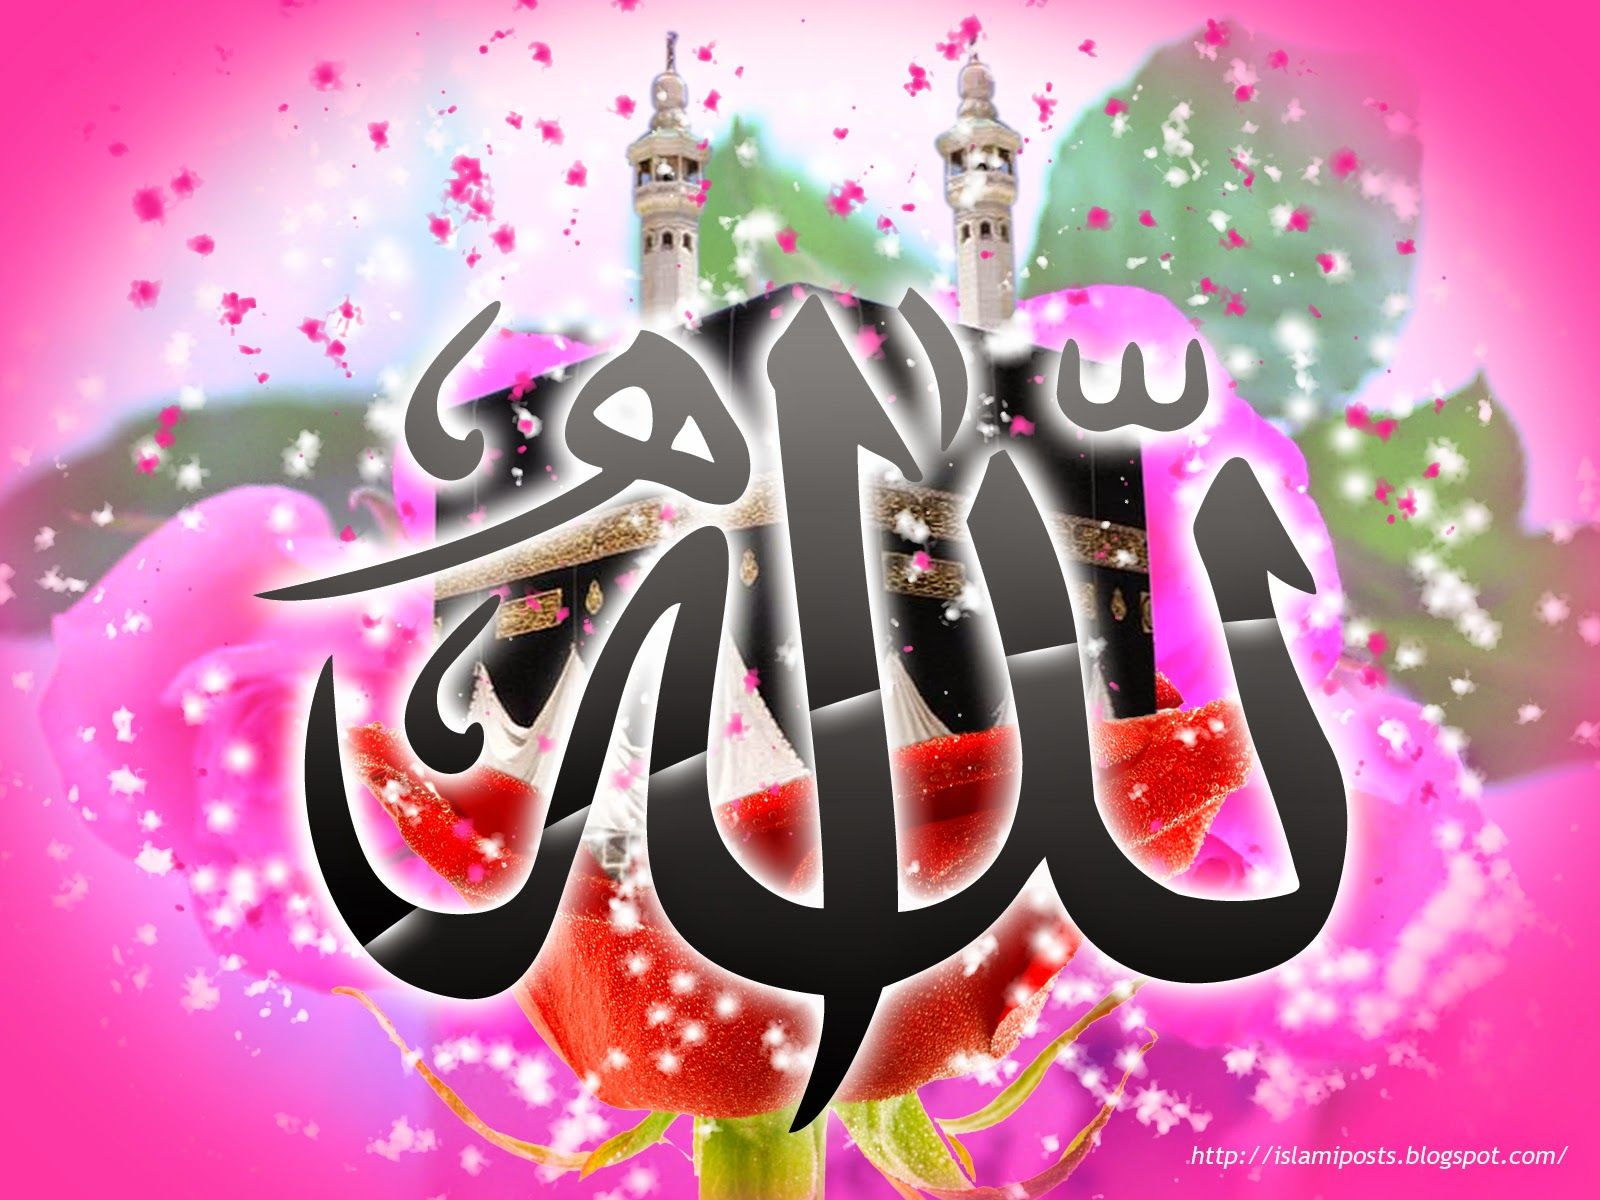 beautiful allah names desktop wall | islami posts | beautiful